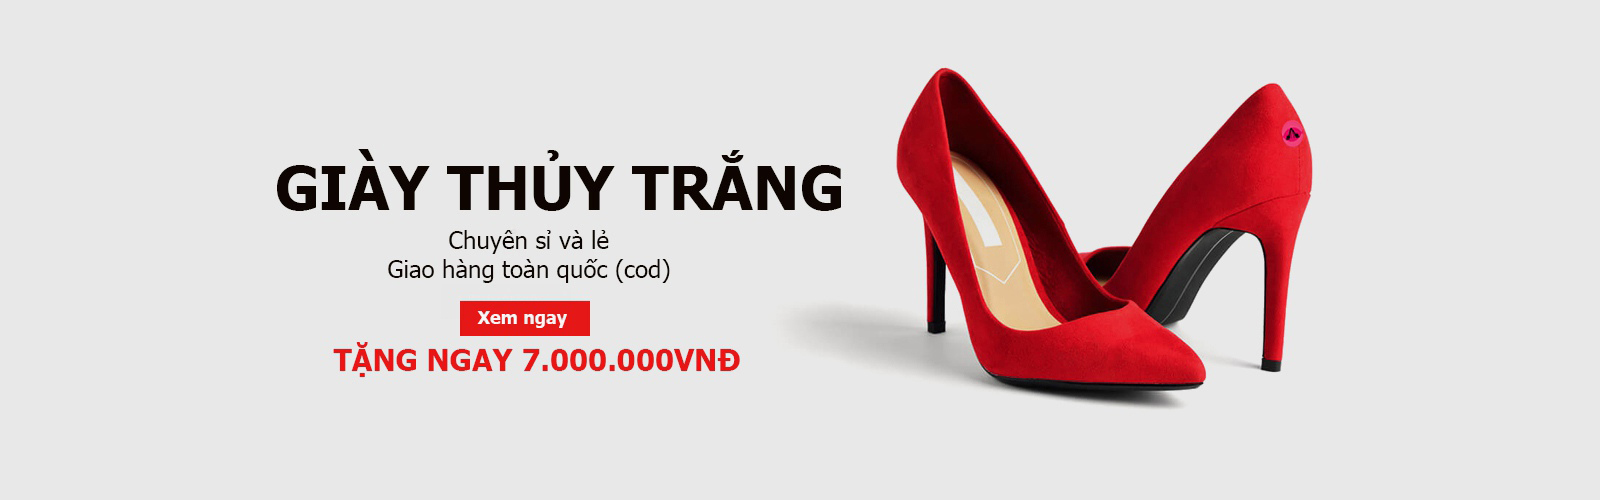 Xưởng sỉ giày dép giá rẻ